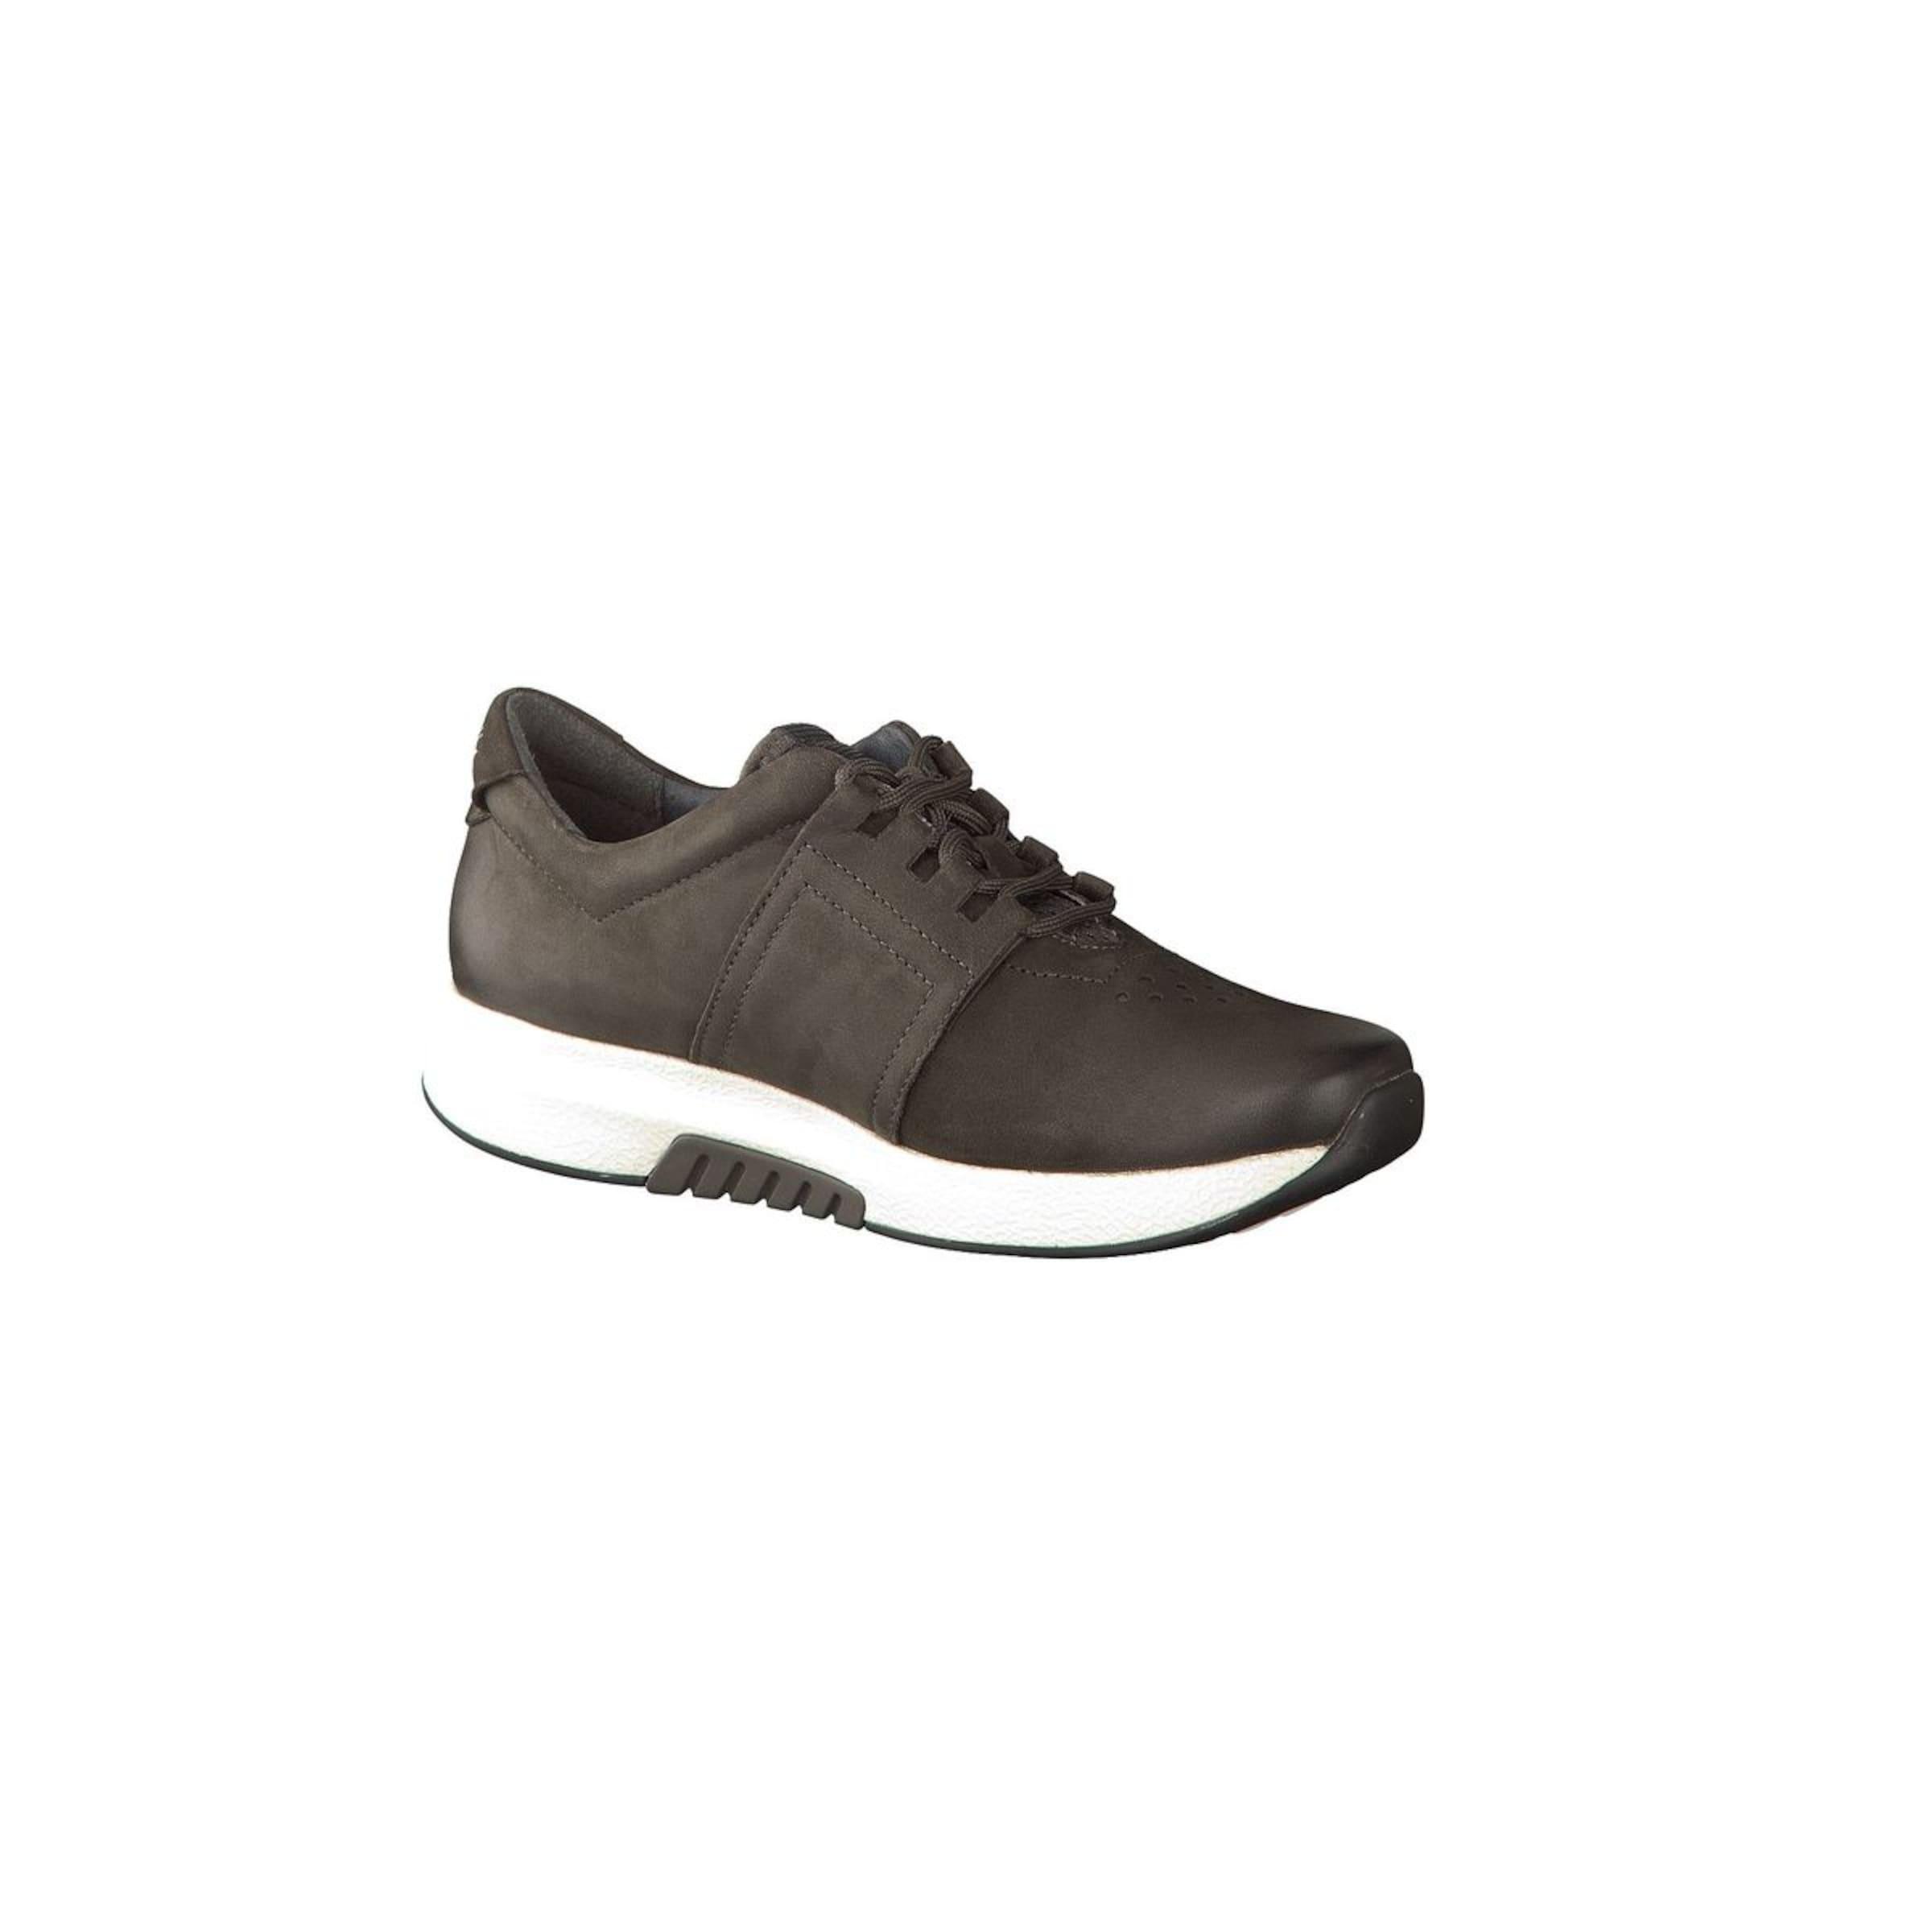 Sneakers In Gabor Sneakers Basaltgrau Sneakers Gabor Basaltgrau In Basaltgrau Gabor In SzUMpV